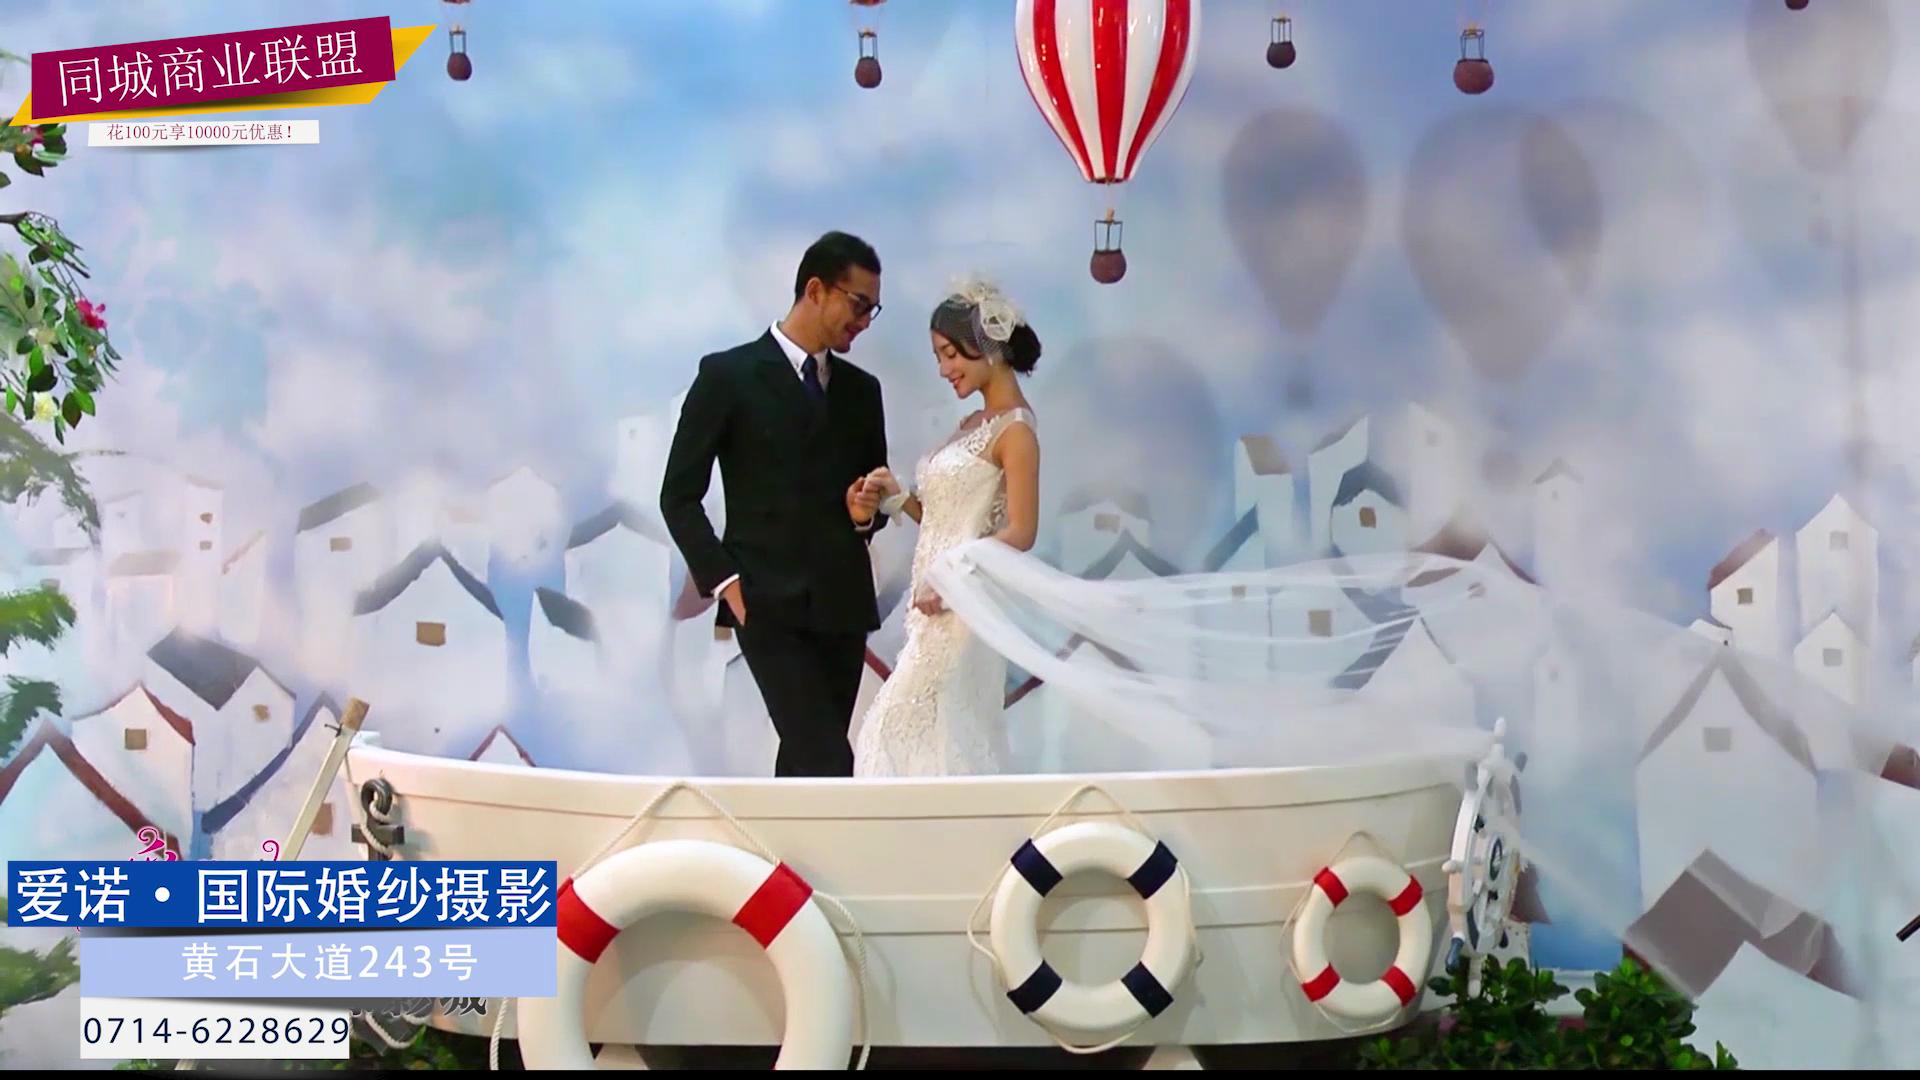 黄石同城百业联盟--爱诺国际婚纱摄影